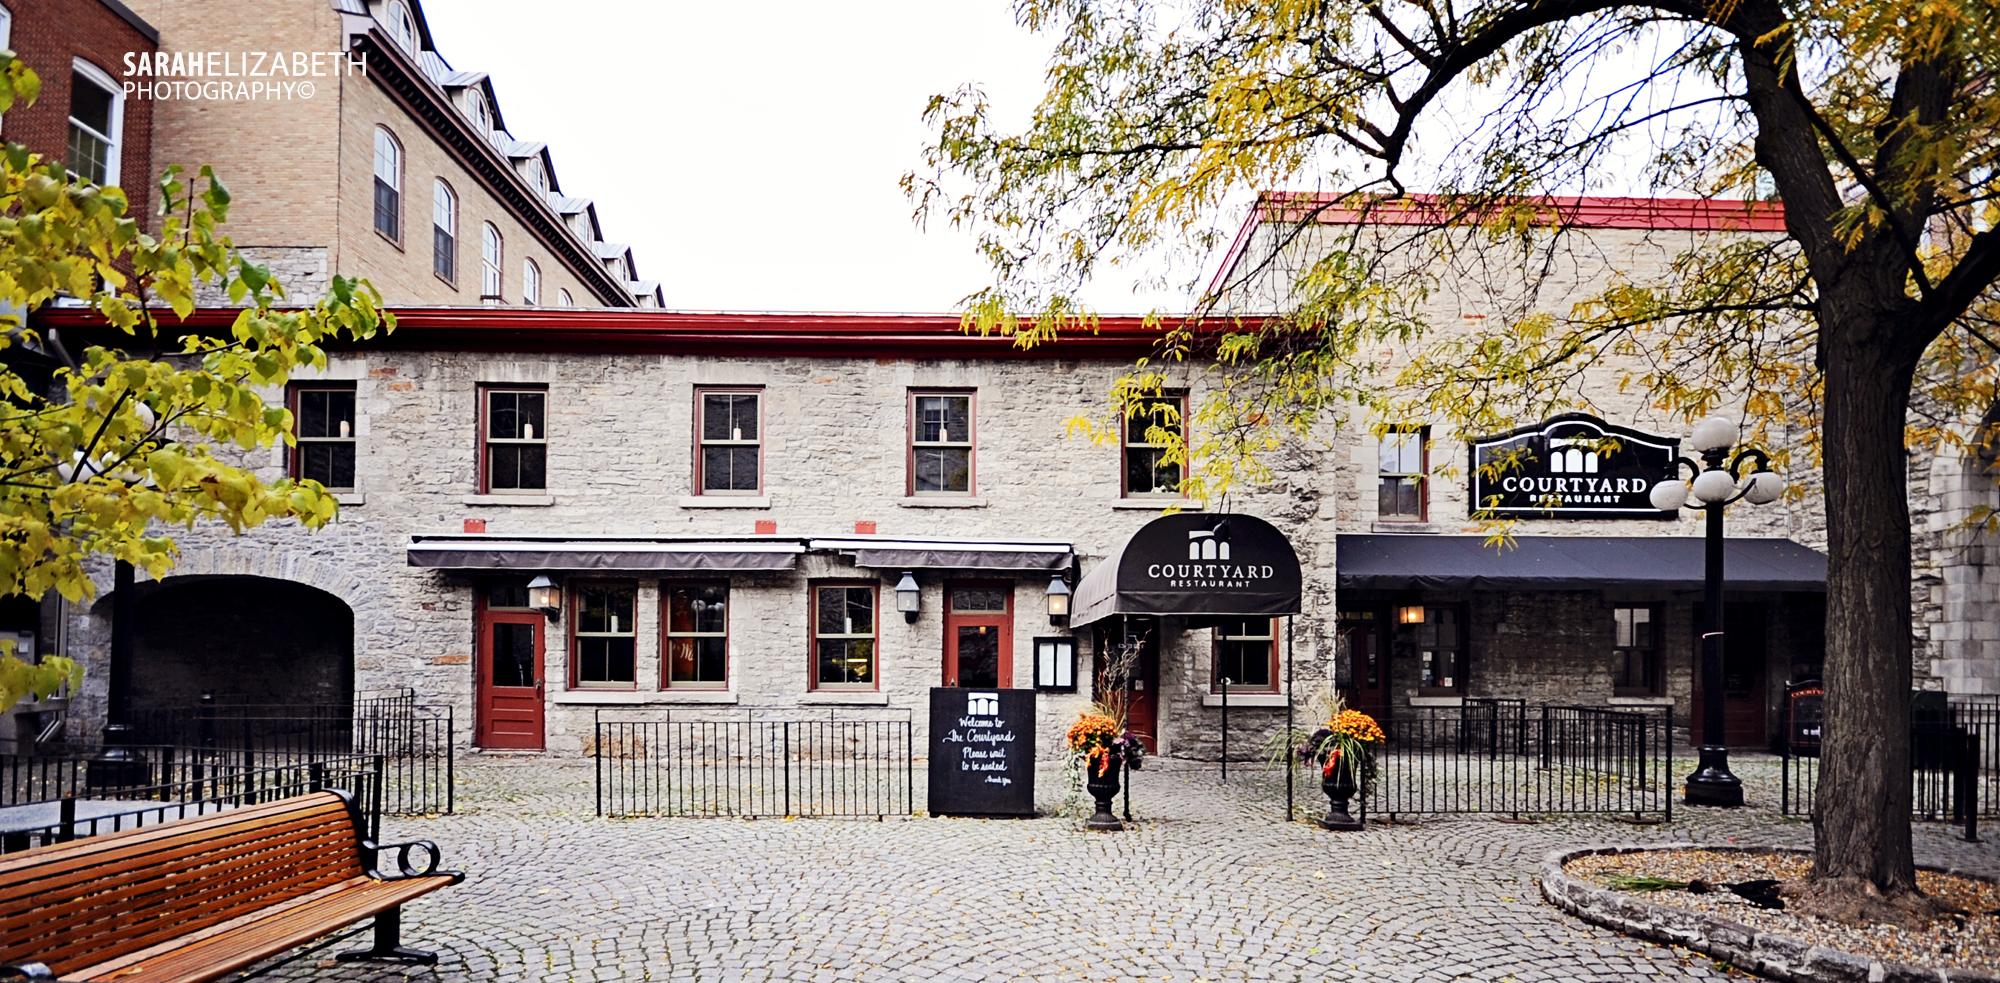 ottawa-courtyard-restaurant-front.jpg